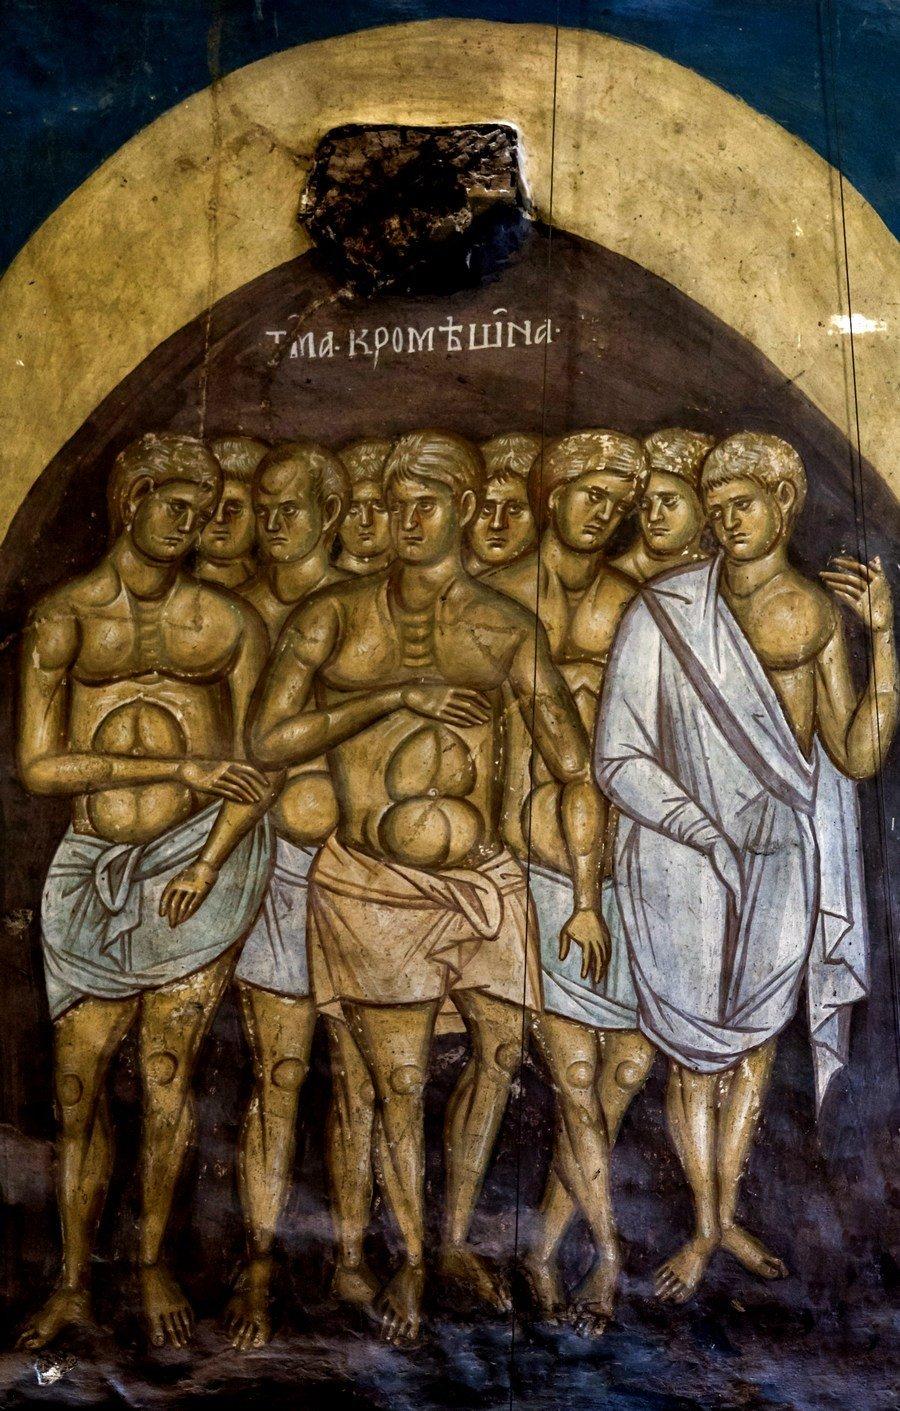 """Фрески из цикла """"Страшный Суд"""". Монастырь Высокие Дечаны, Косово и Метохия, Сербия. До 1350 года. Ад. Тьма кромешная."""